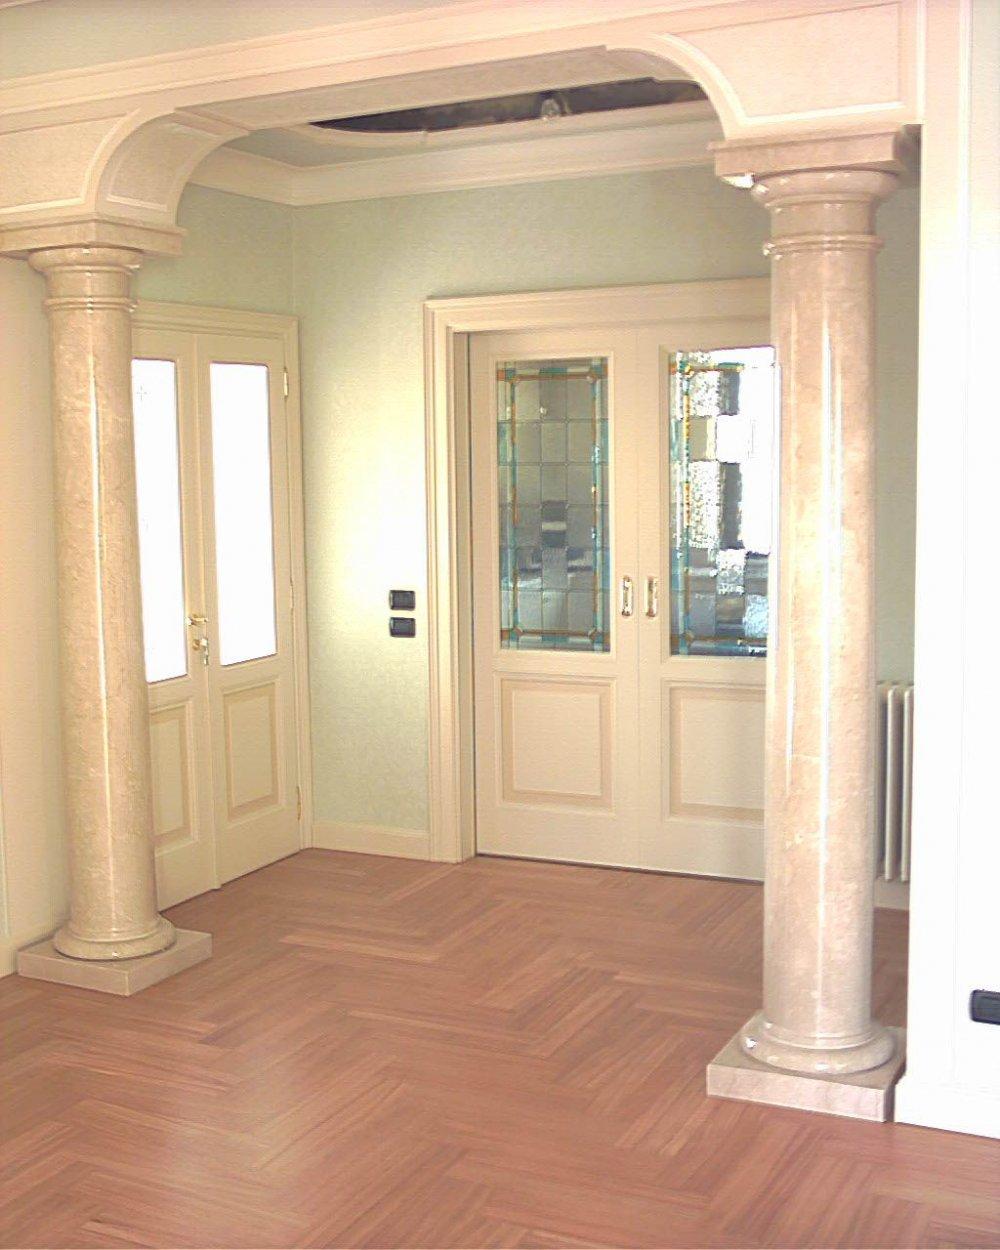 Porte esterne e interne alfa falegnameria travagliato brescia - Tipi di porte interne ...